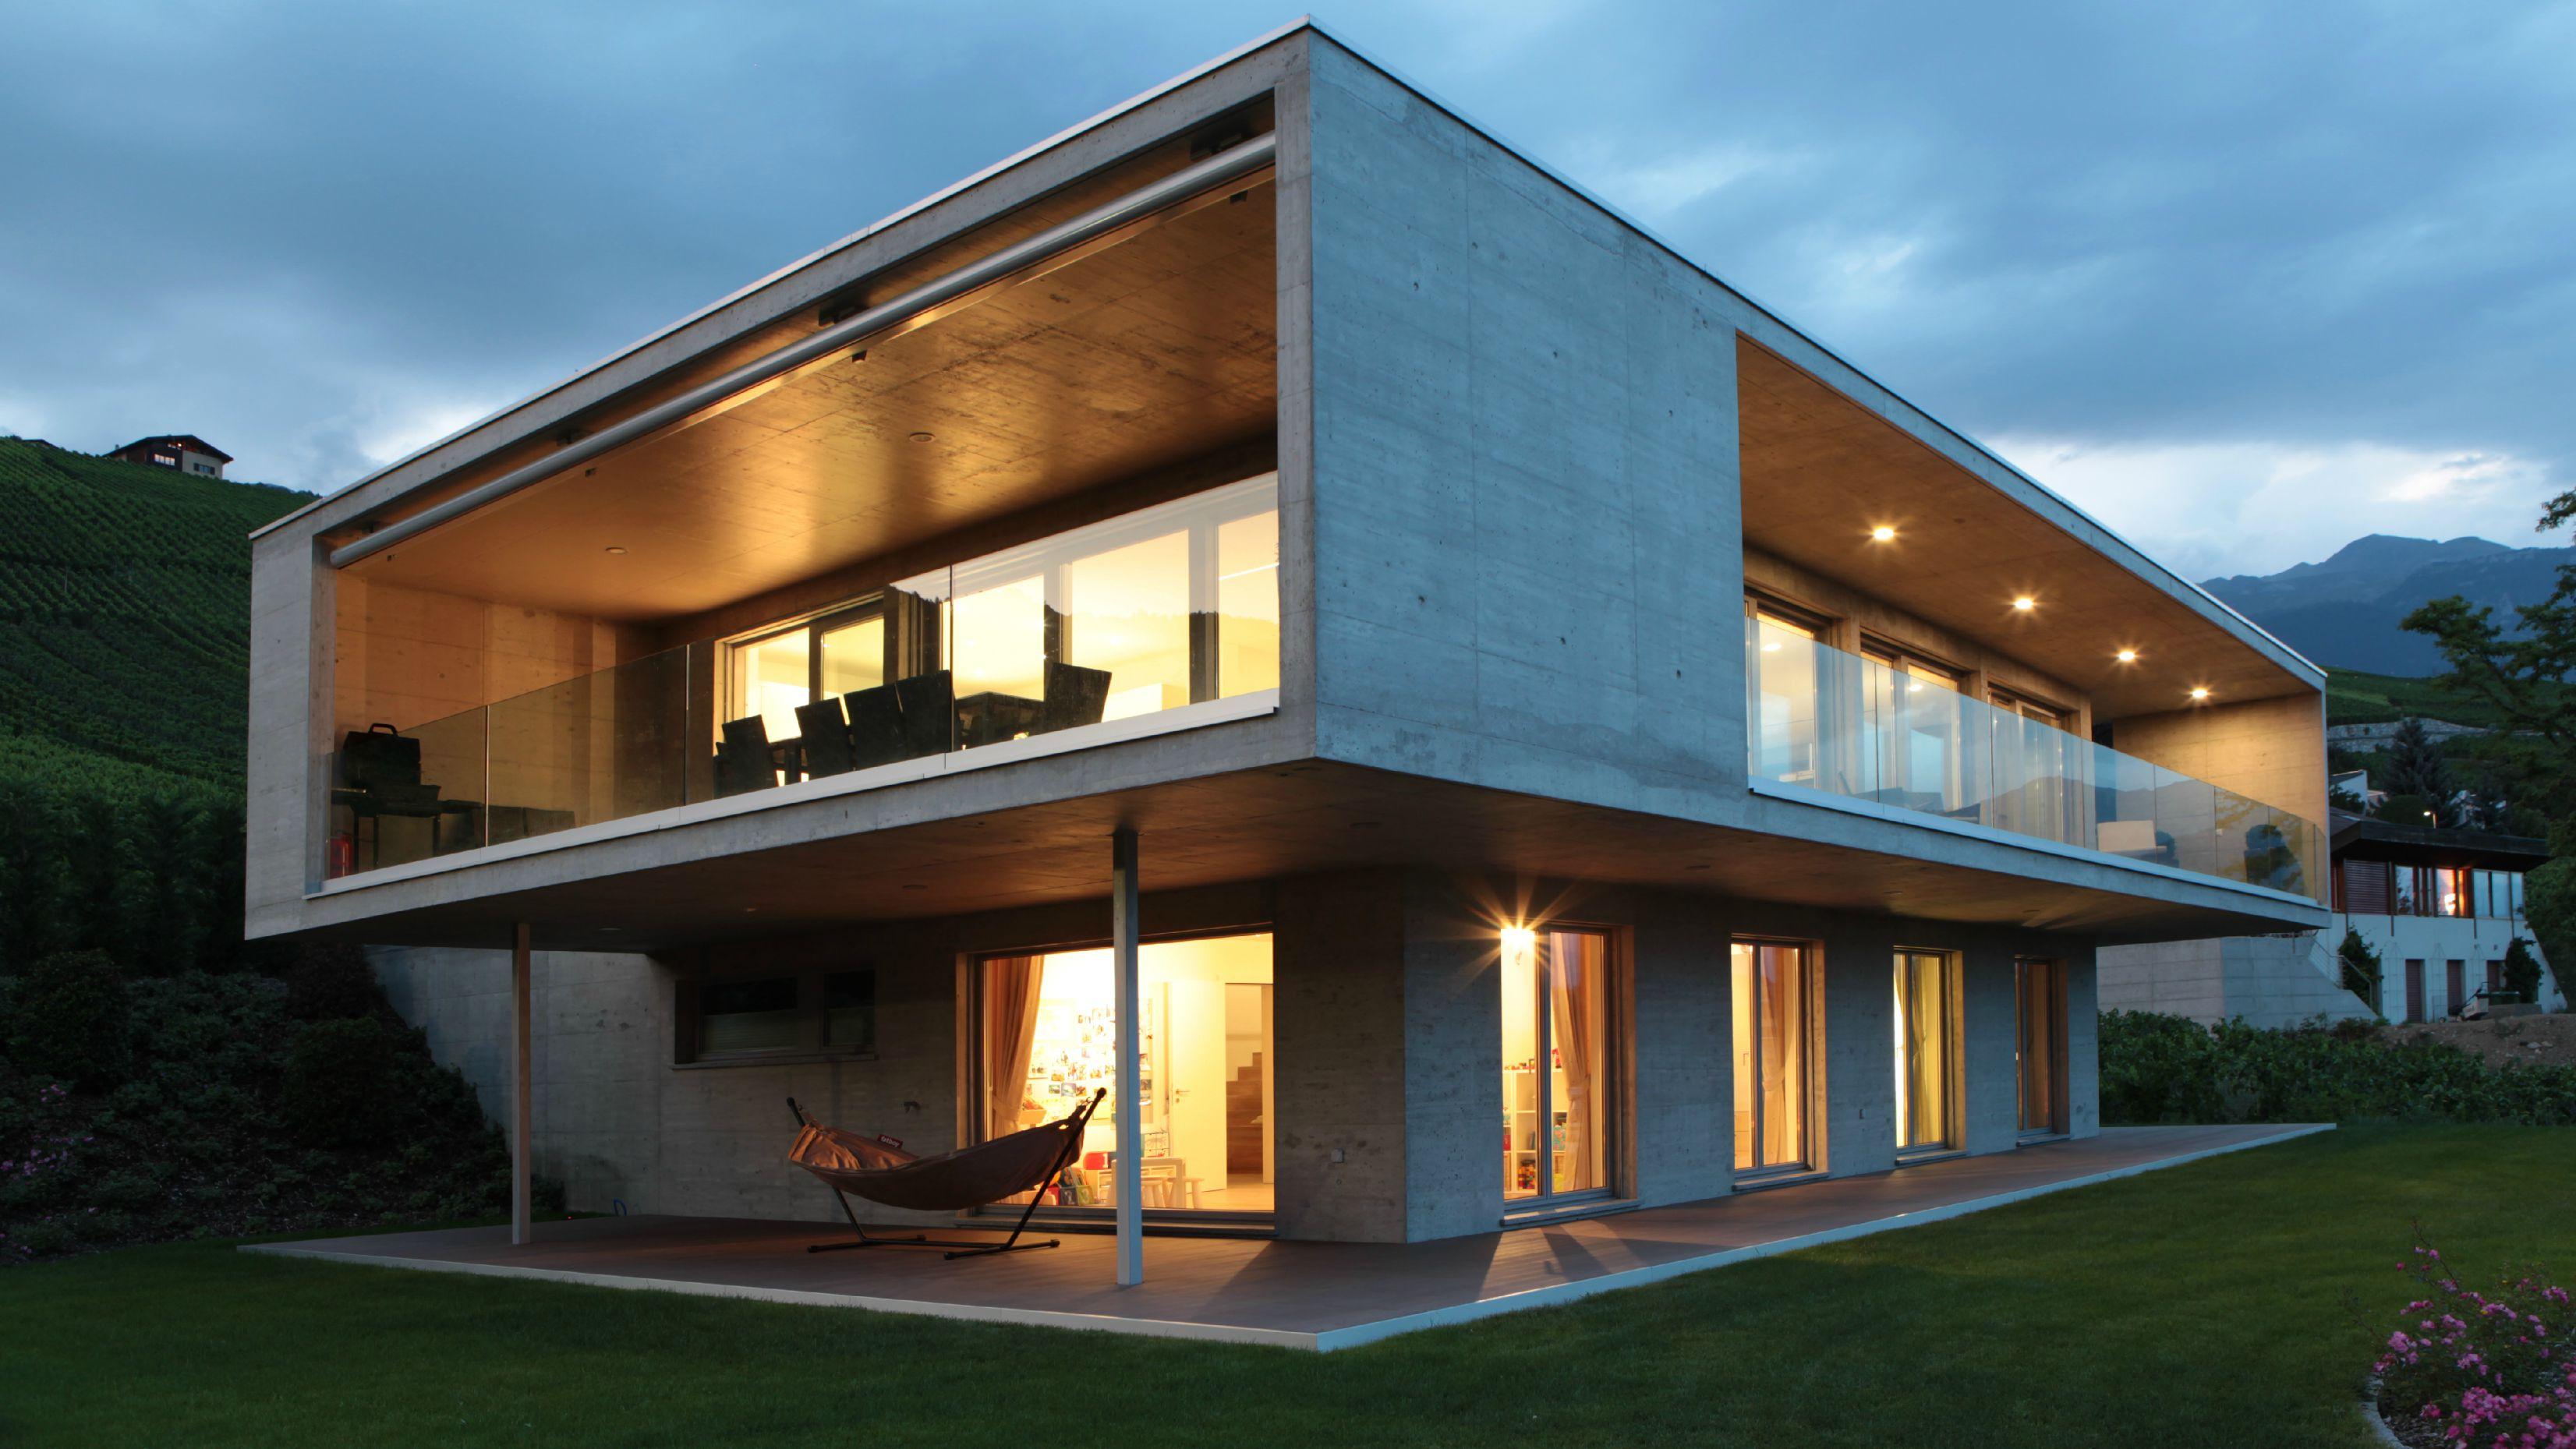 Maison architecte suisse maison moderne for Architecture suisse